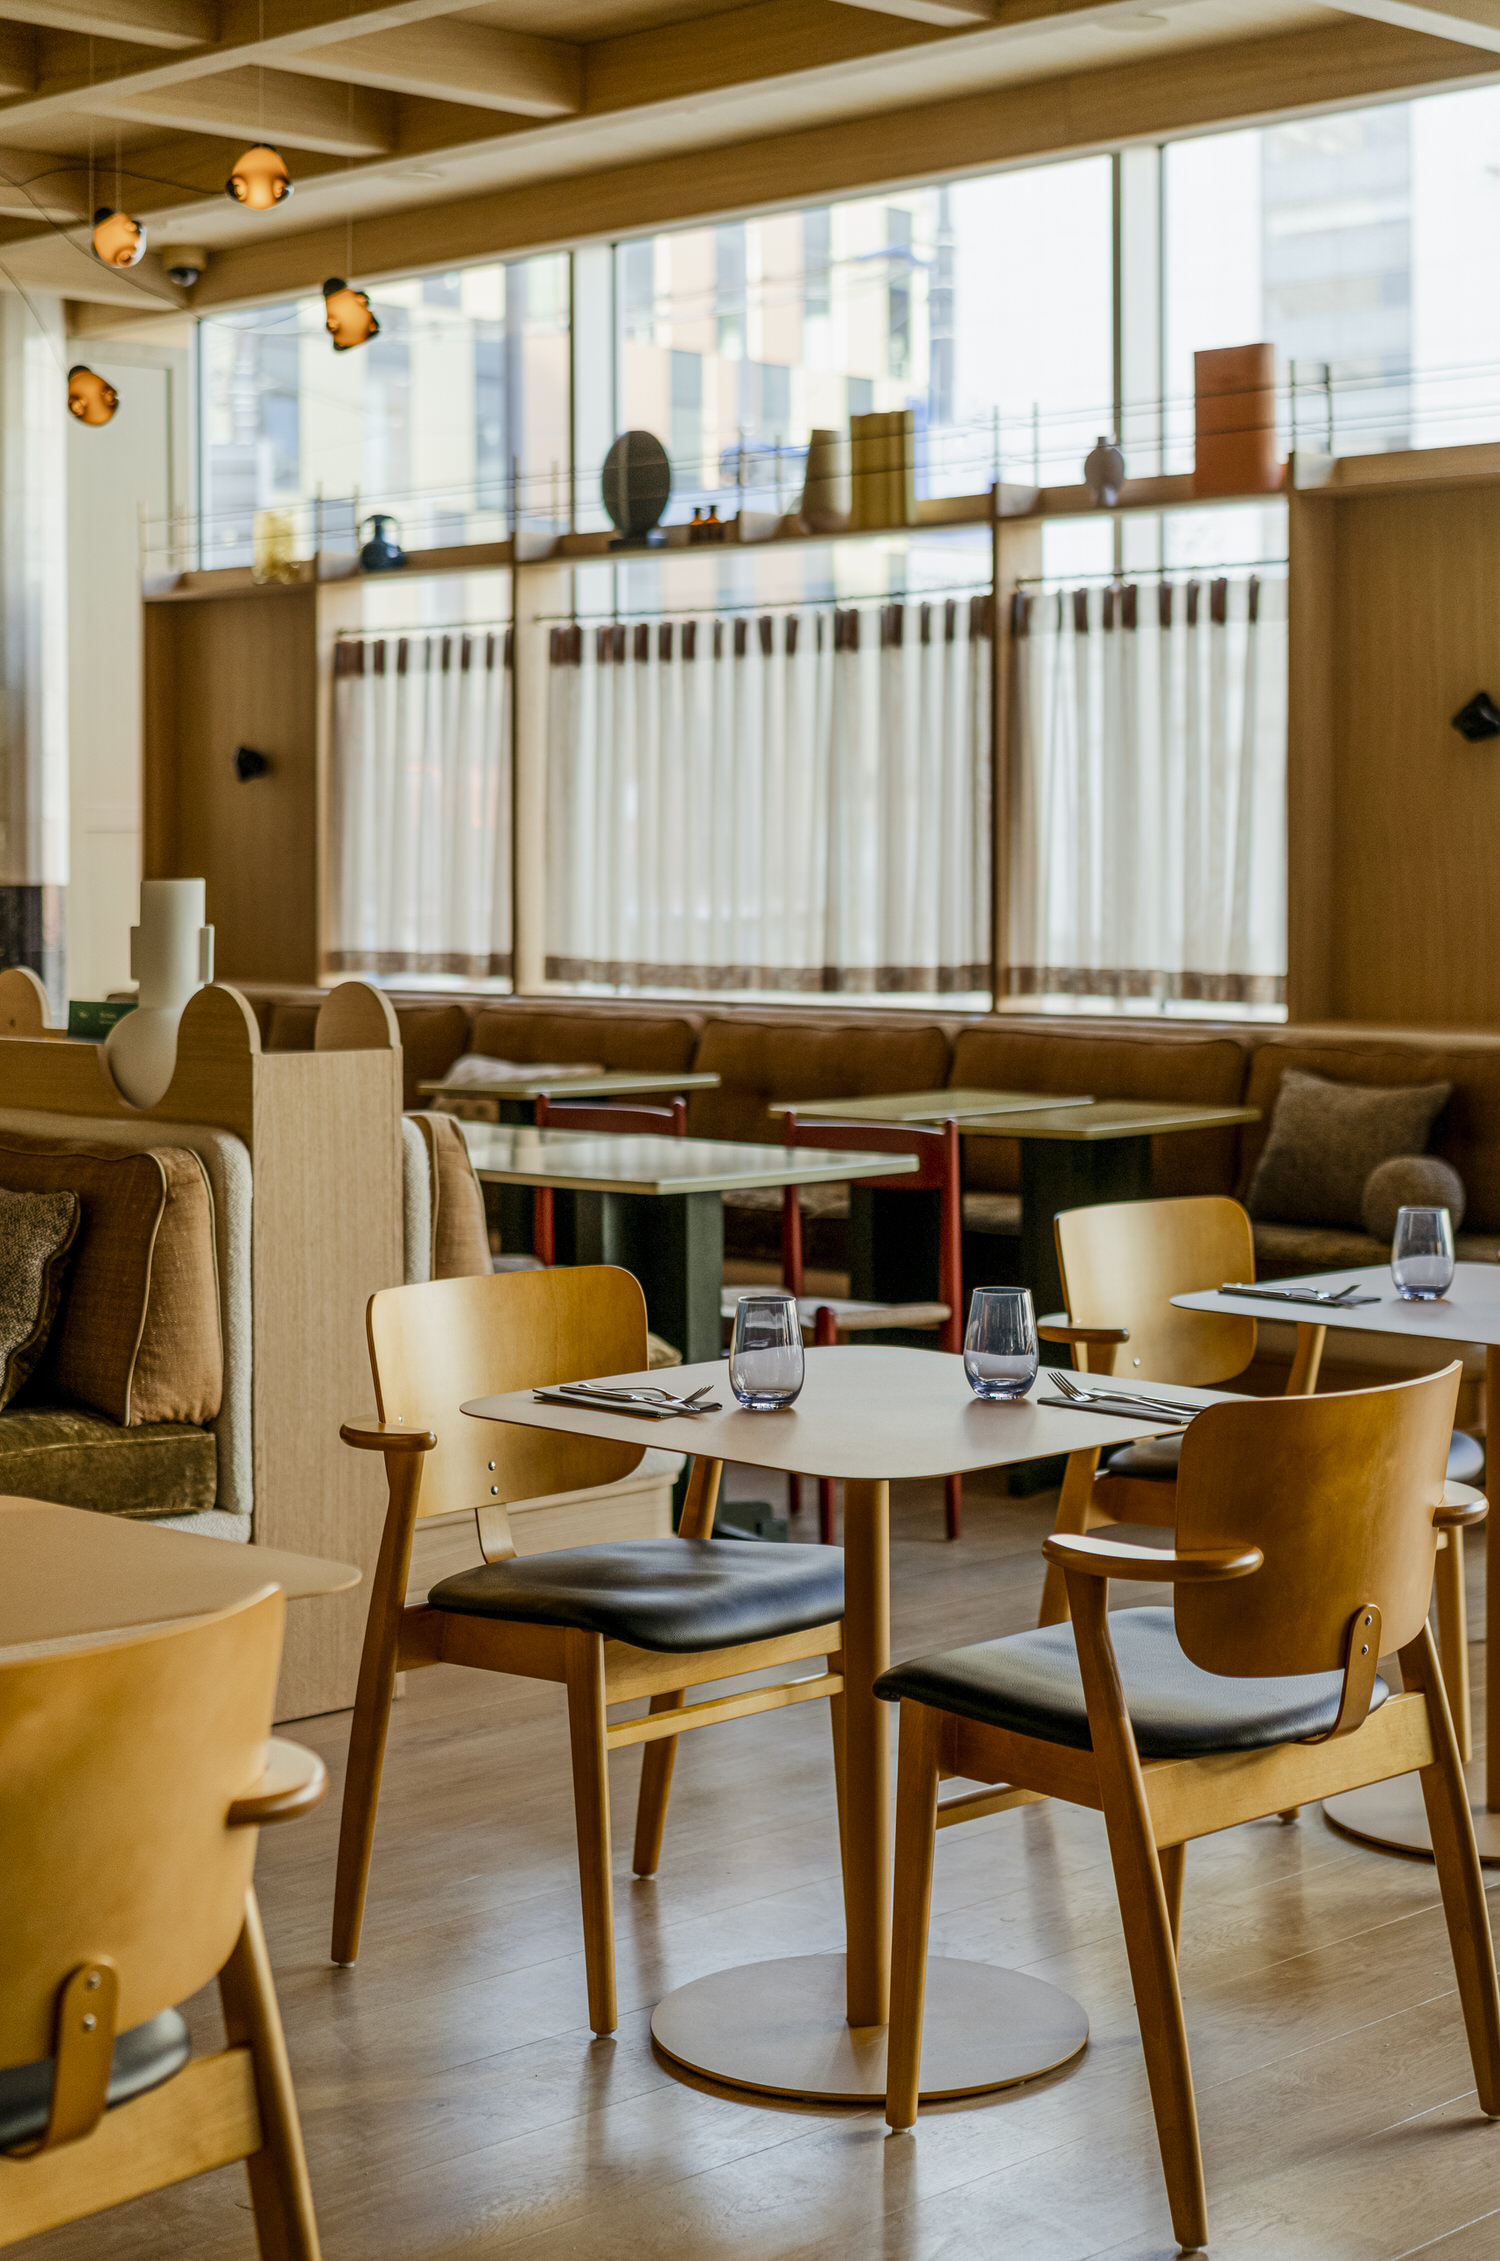 Paradowski Studio Puro Hotel Krakow Photo Pion Studio Yellowtrace 27